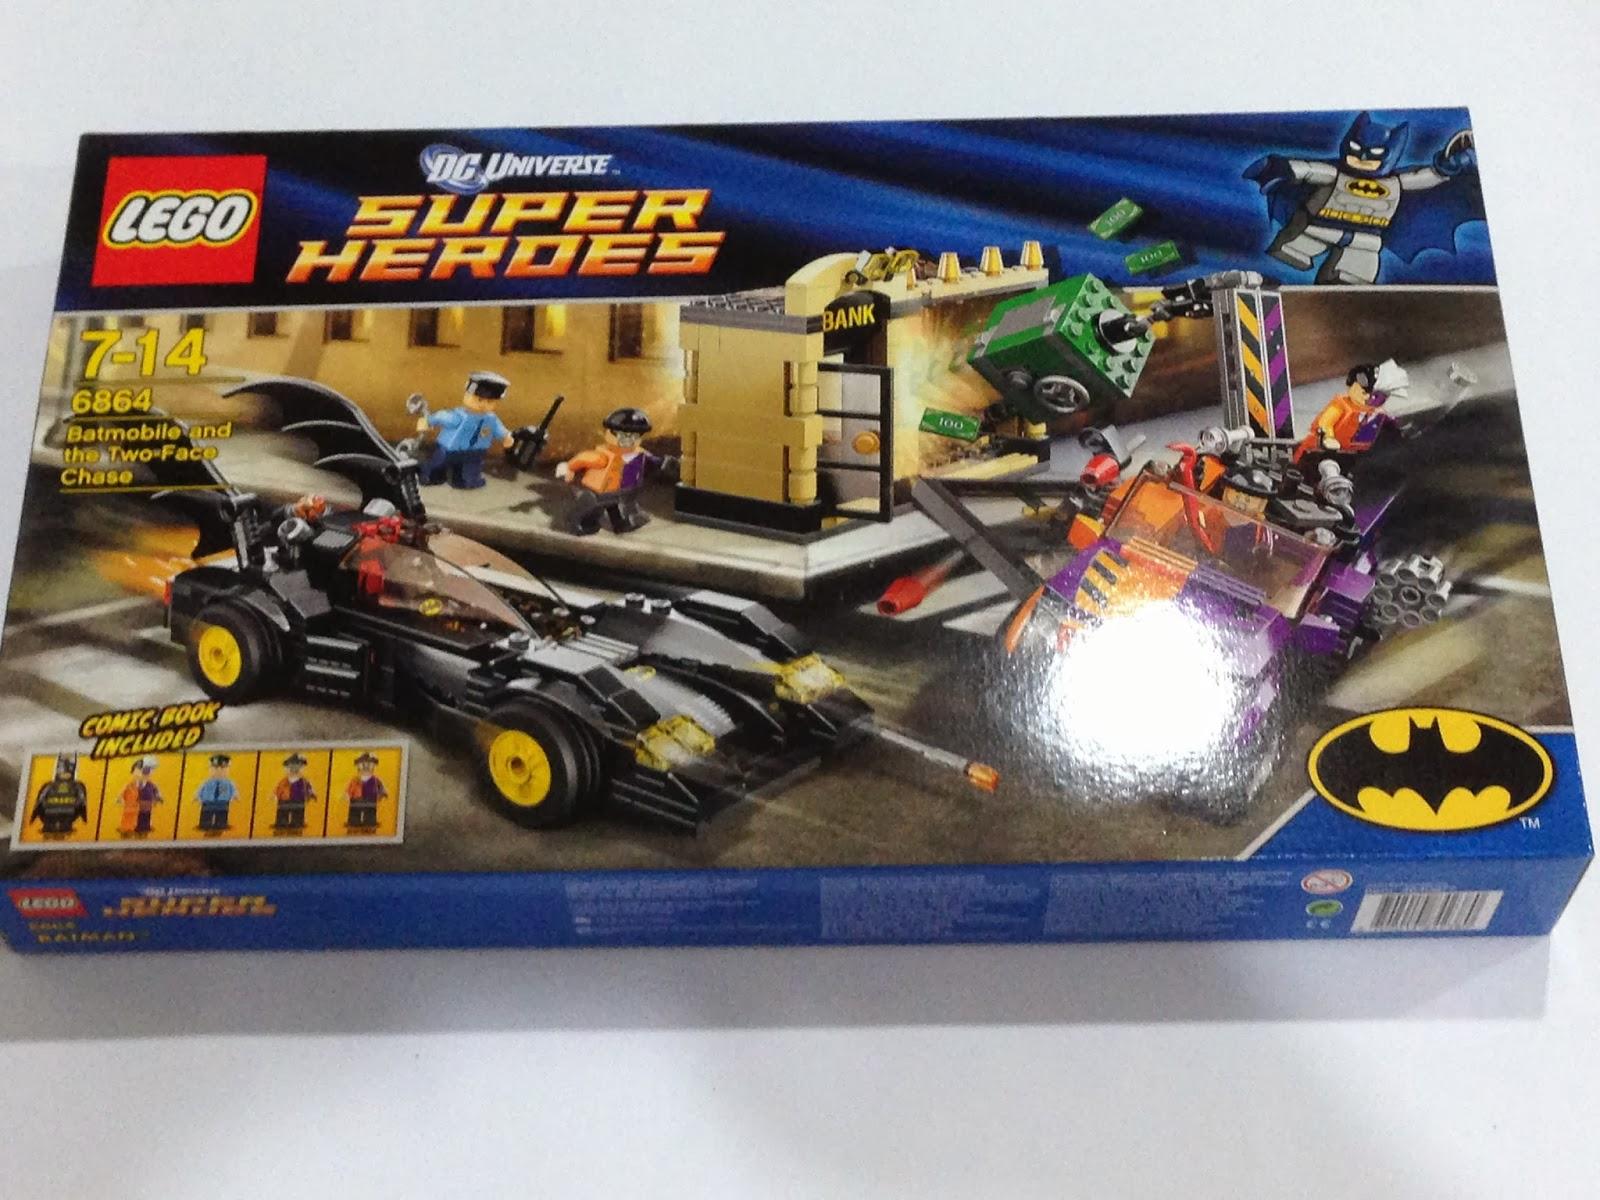 Batman Lego Set 2014 | www.pixshark.com - Images Galleries ...